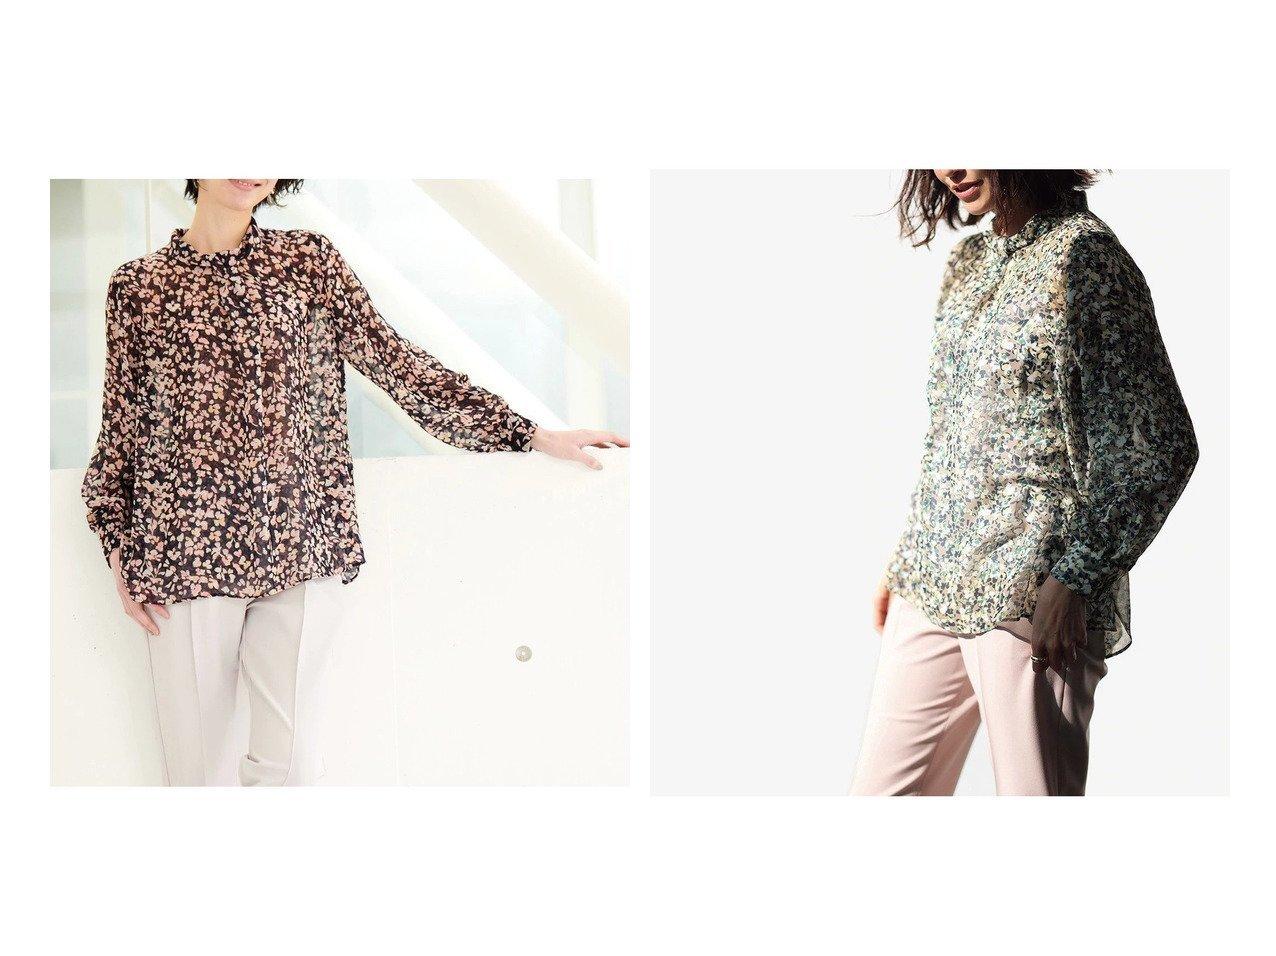 【DoCLASSE/ドゥクラッセ】のフラワーシフォン・ボウタイ風ブラウス ドゥクラッセの40代、50代の方におすすめ!人気トレンド・ファッションの通販 おすすめで人気の流行・トレンド、ファッションの通販商品 メンズファッション・キッズファッション・インテリア・家具・レディースファッション・服の通販 founy(ファニー) https://founy.com/ ファッション Fashion レディースファッション WOMEN トップス カットソー Tops Tshirt シャツ/ブラウス Shirts Blouses シフォン フラワー プリント 春 Spring |ID:crp329100000021626